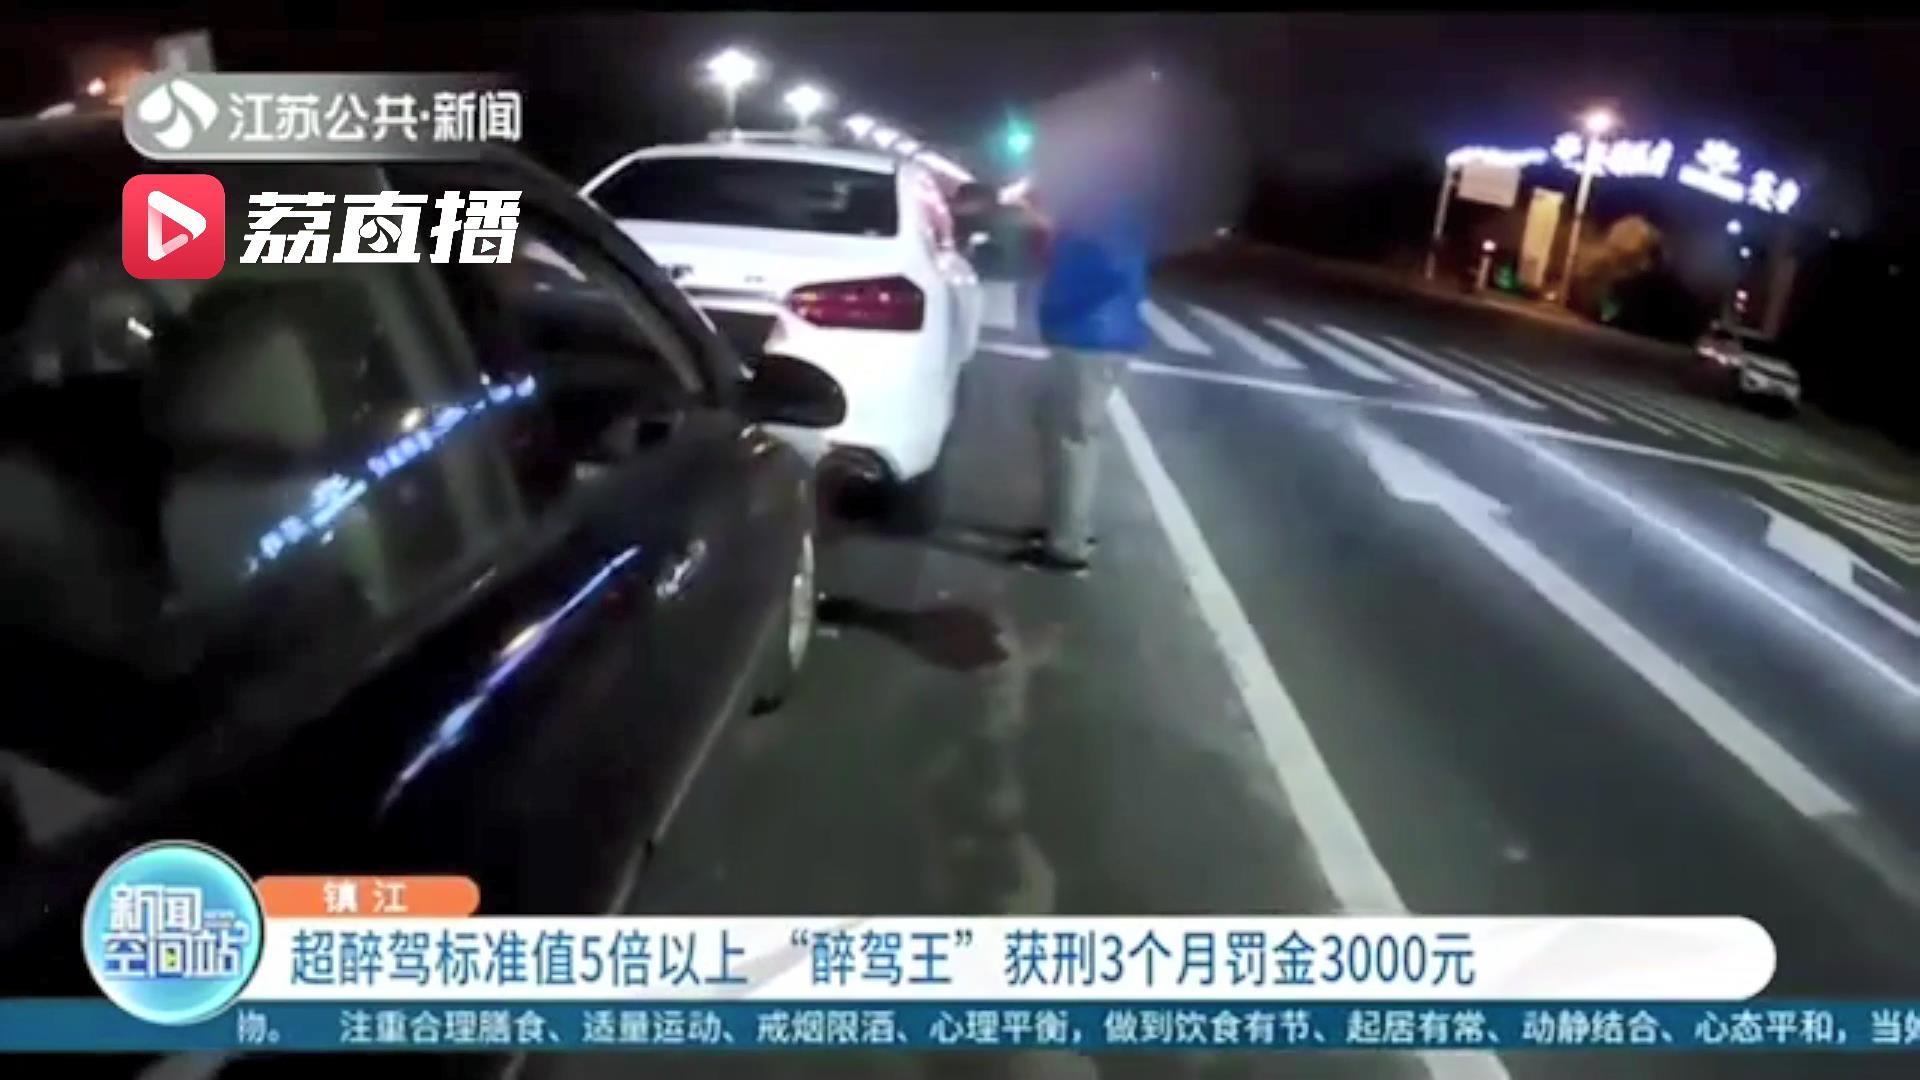 轿车追尾现场 肇事者酒驾检测结果把民警吓一跳:超醉驾标准值5倍以上